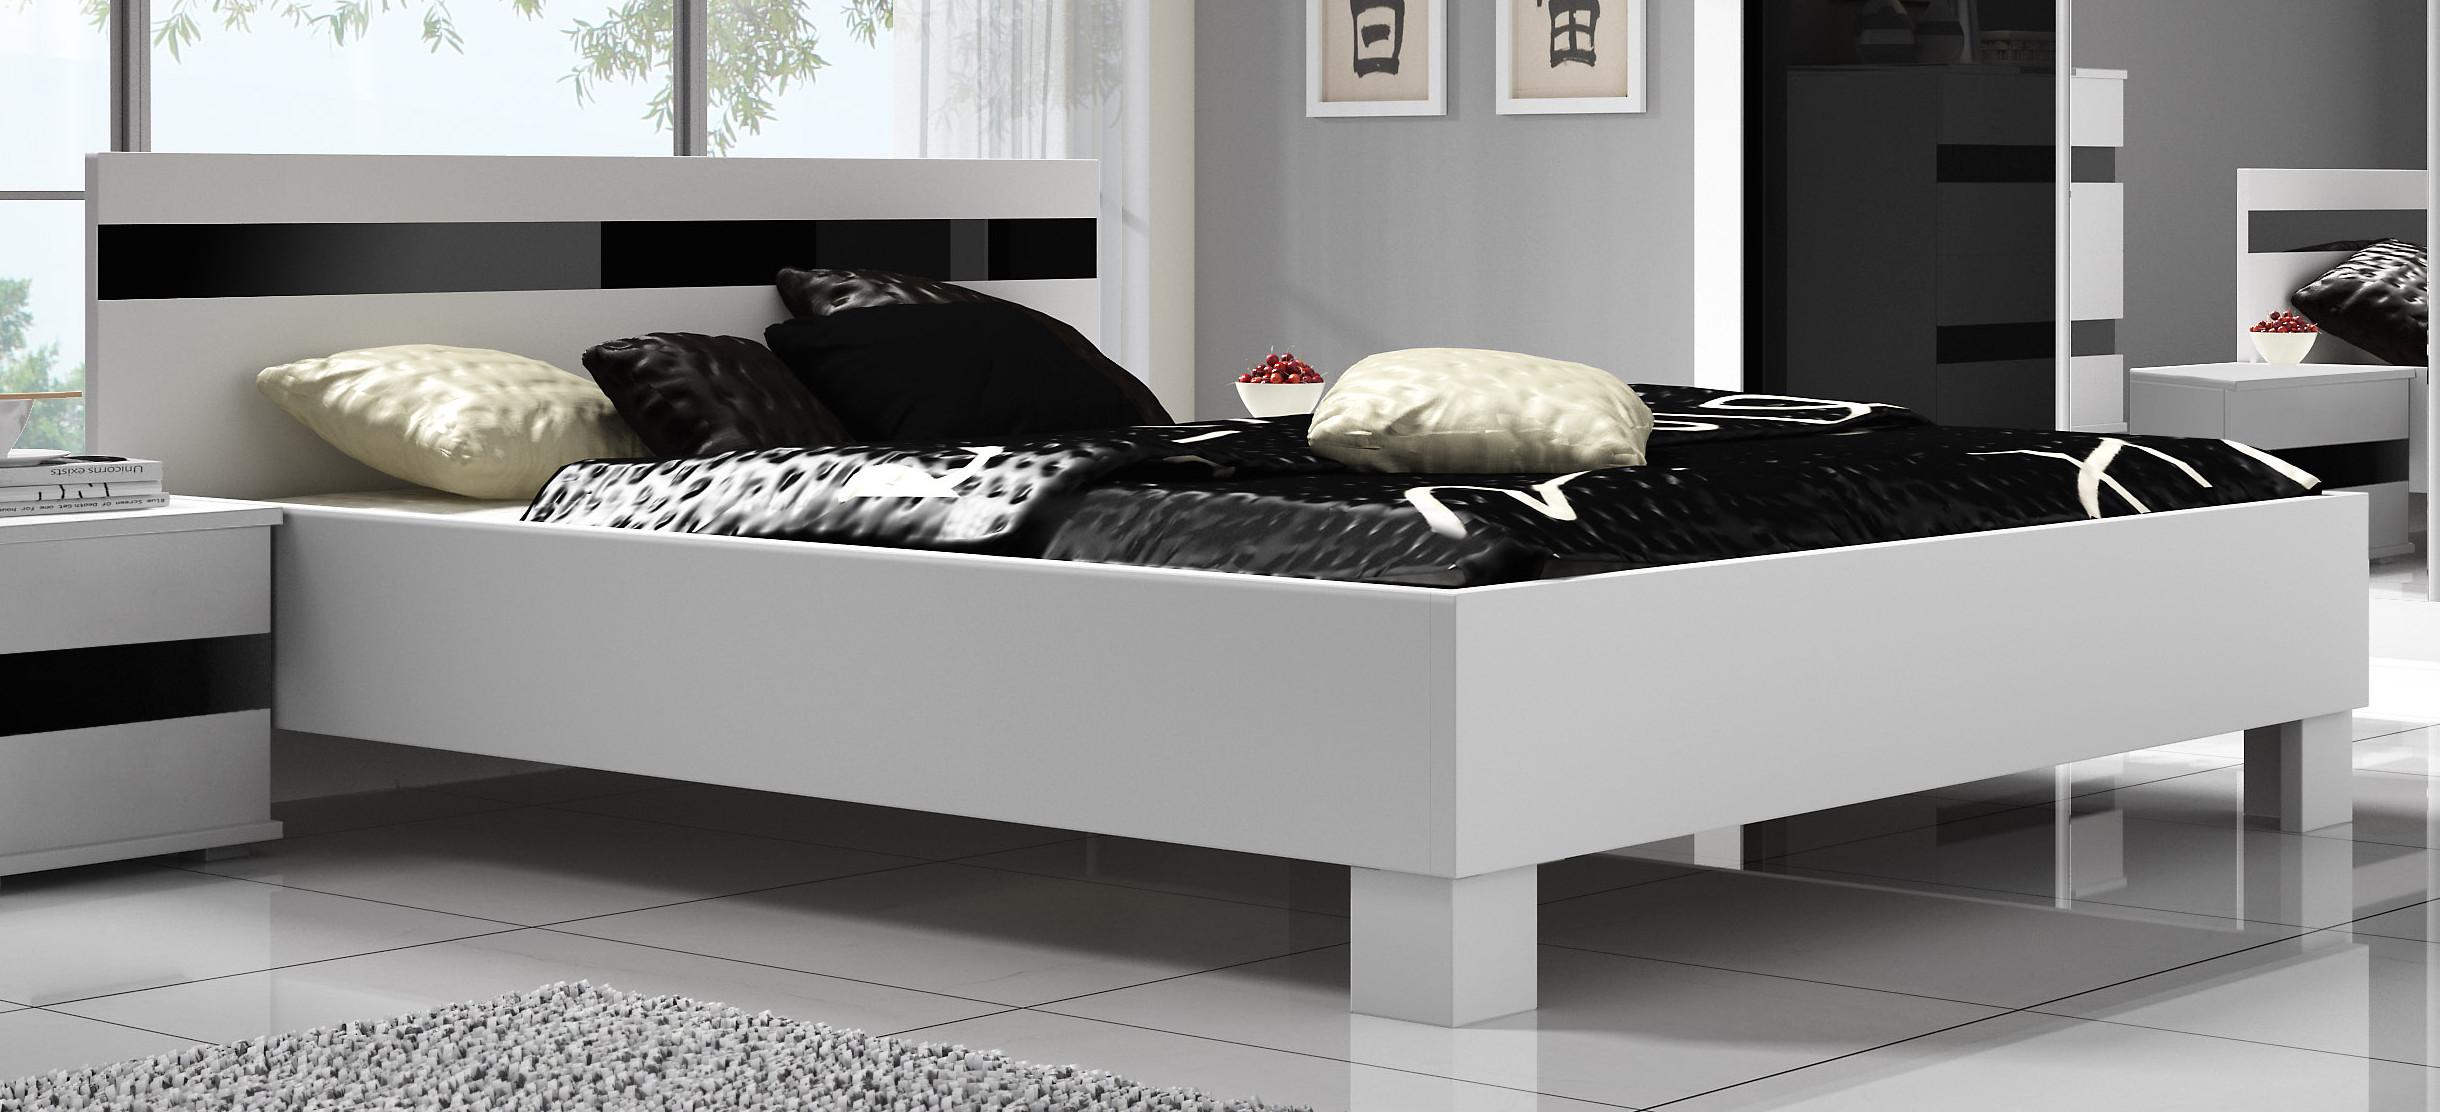 7f15d9c4d1d7 Moderní manželská postel LUCCA 160x200 cm bez roštu a matrace